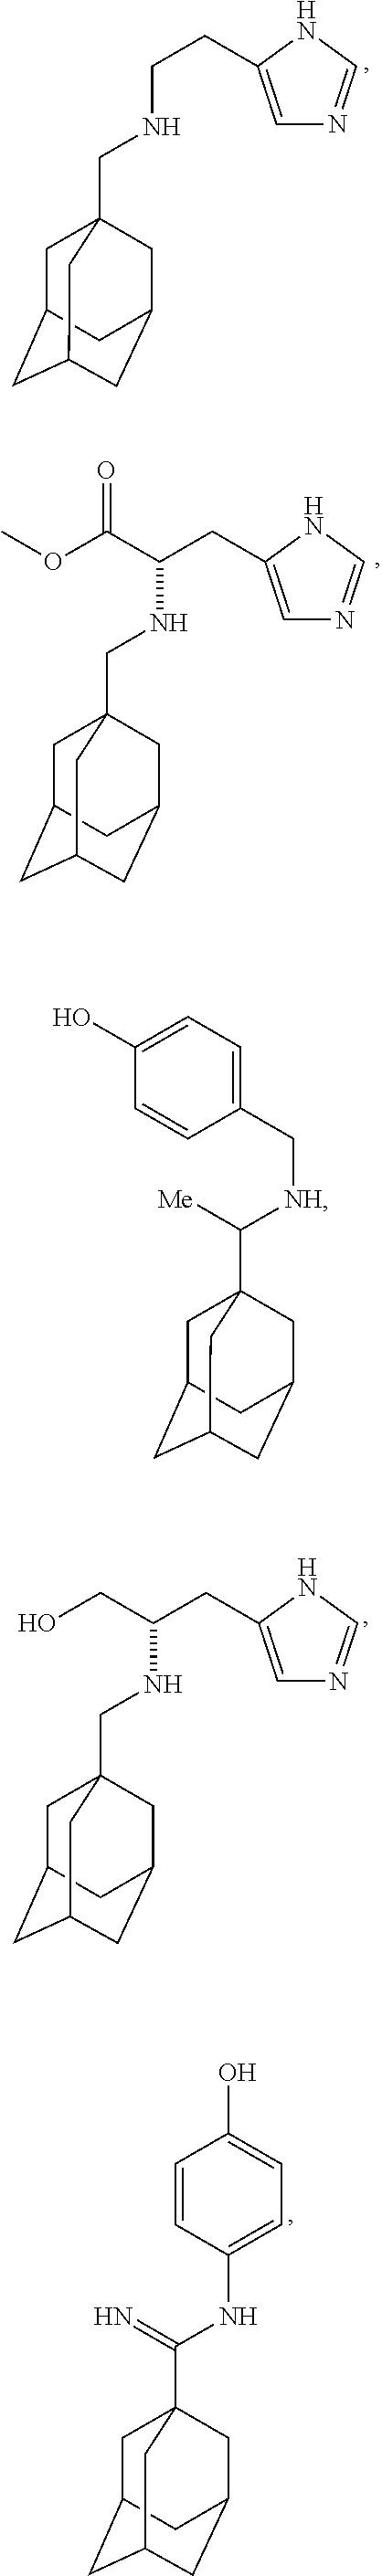 Figure US09884832-20180206-C00103